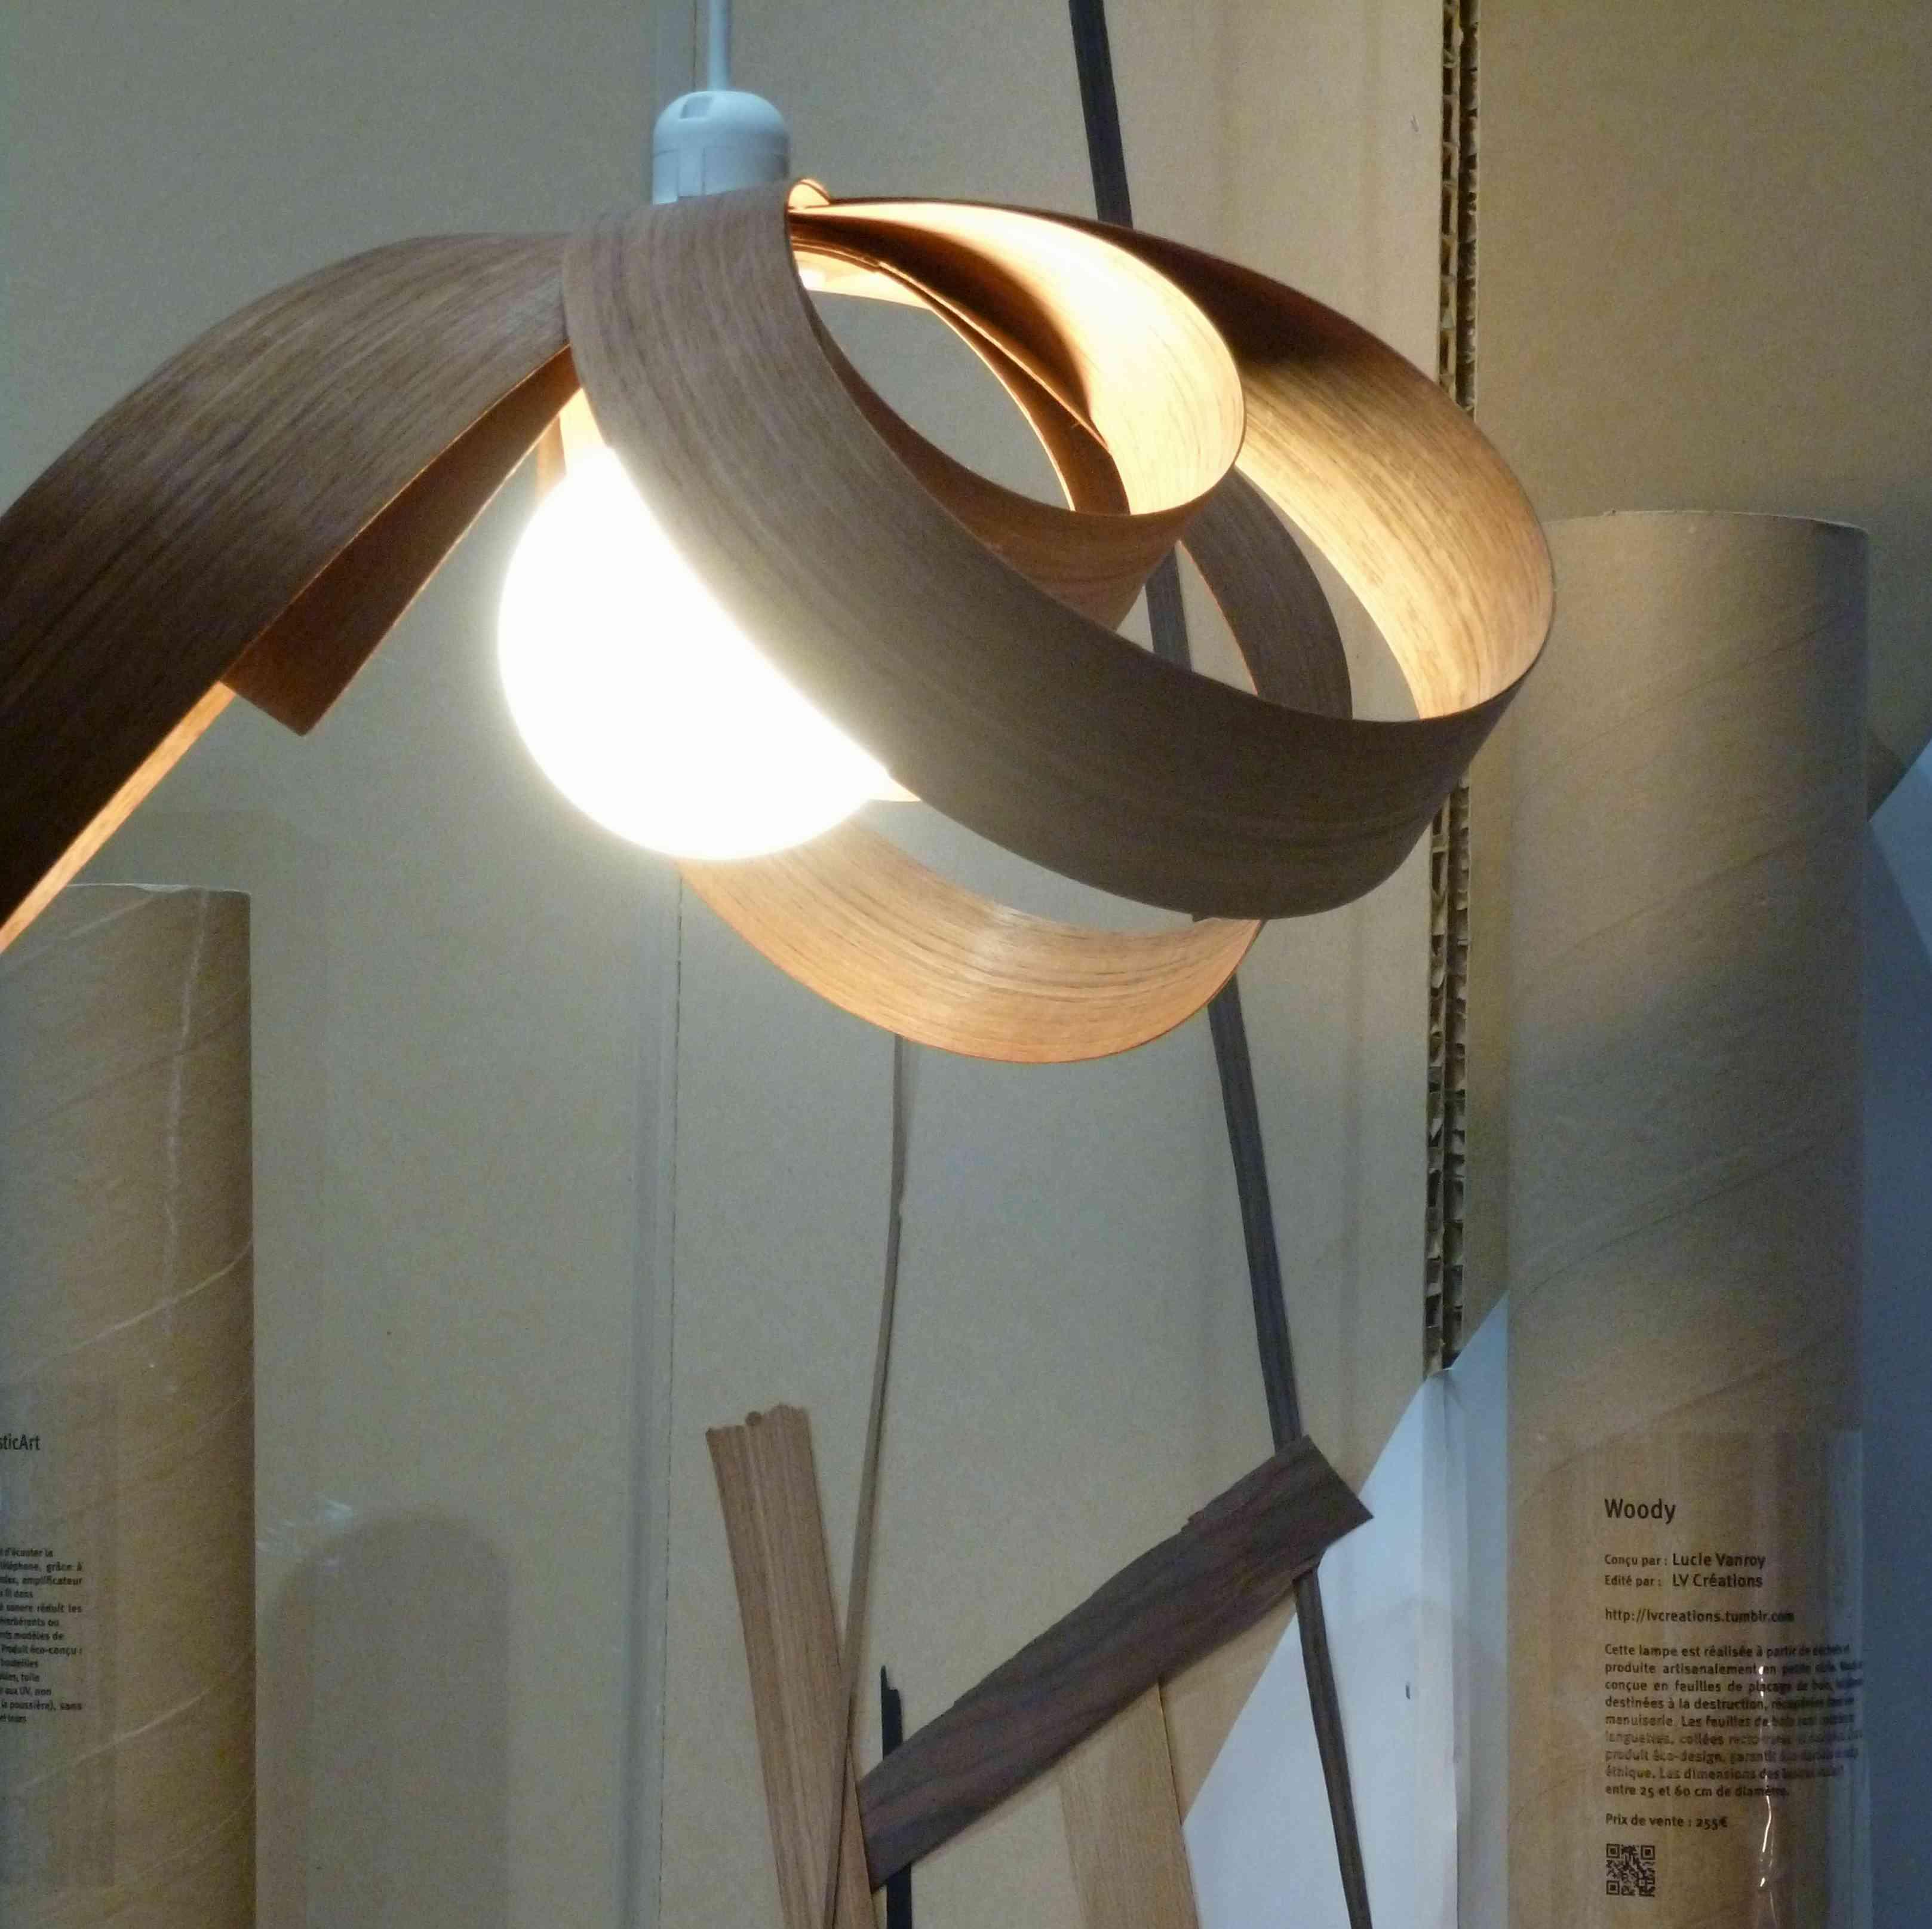 Lampe Woody Lucie Vanroy Design Reservoir 2013